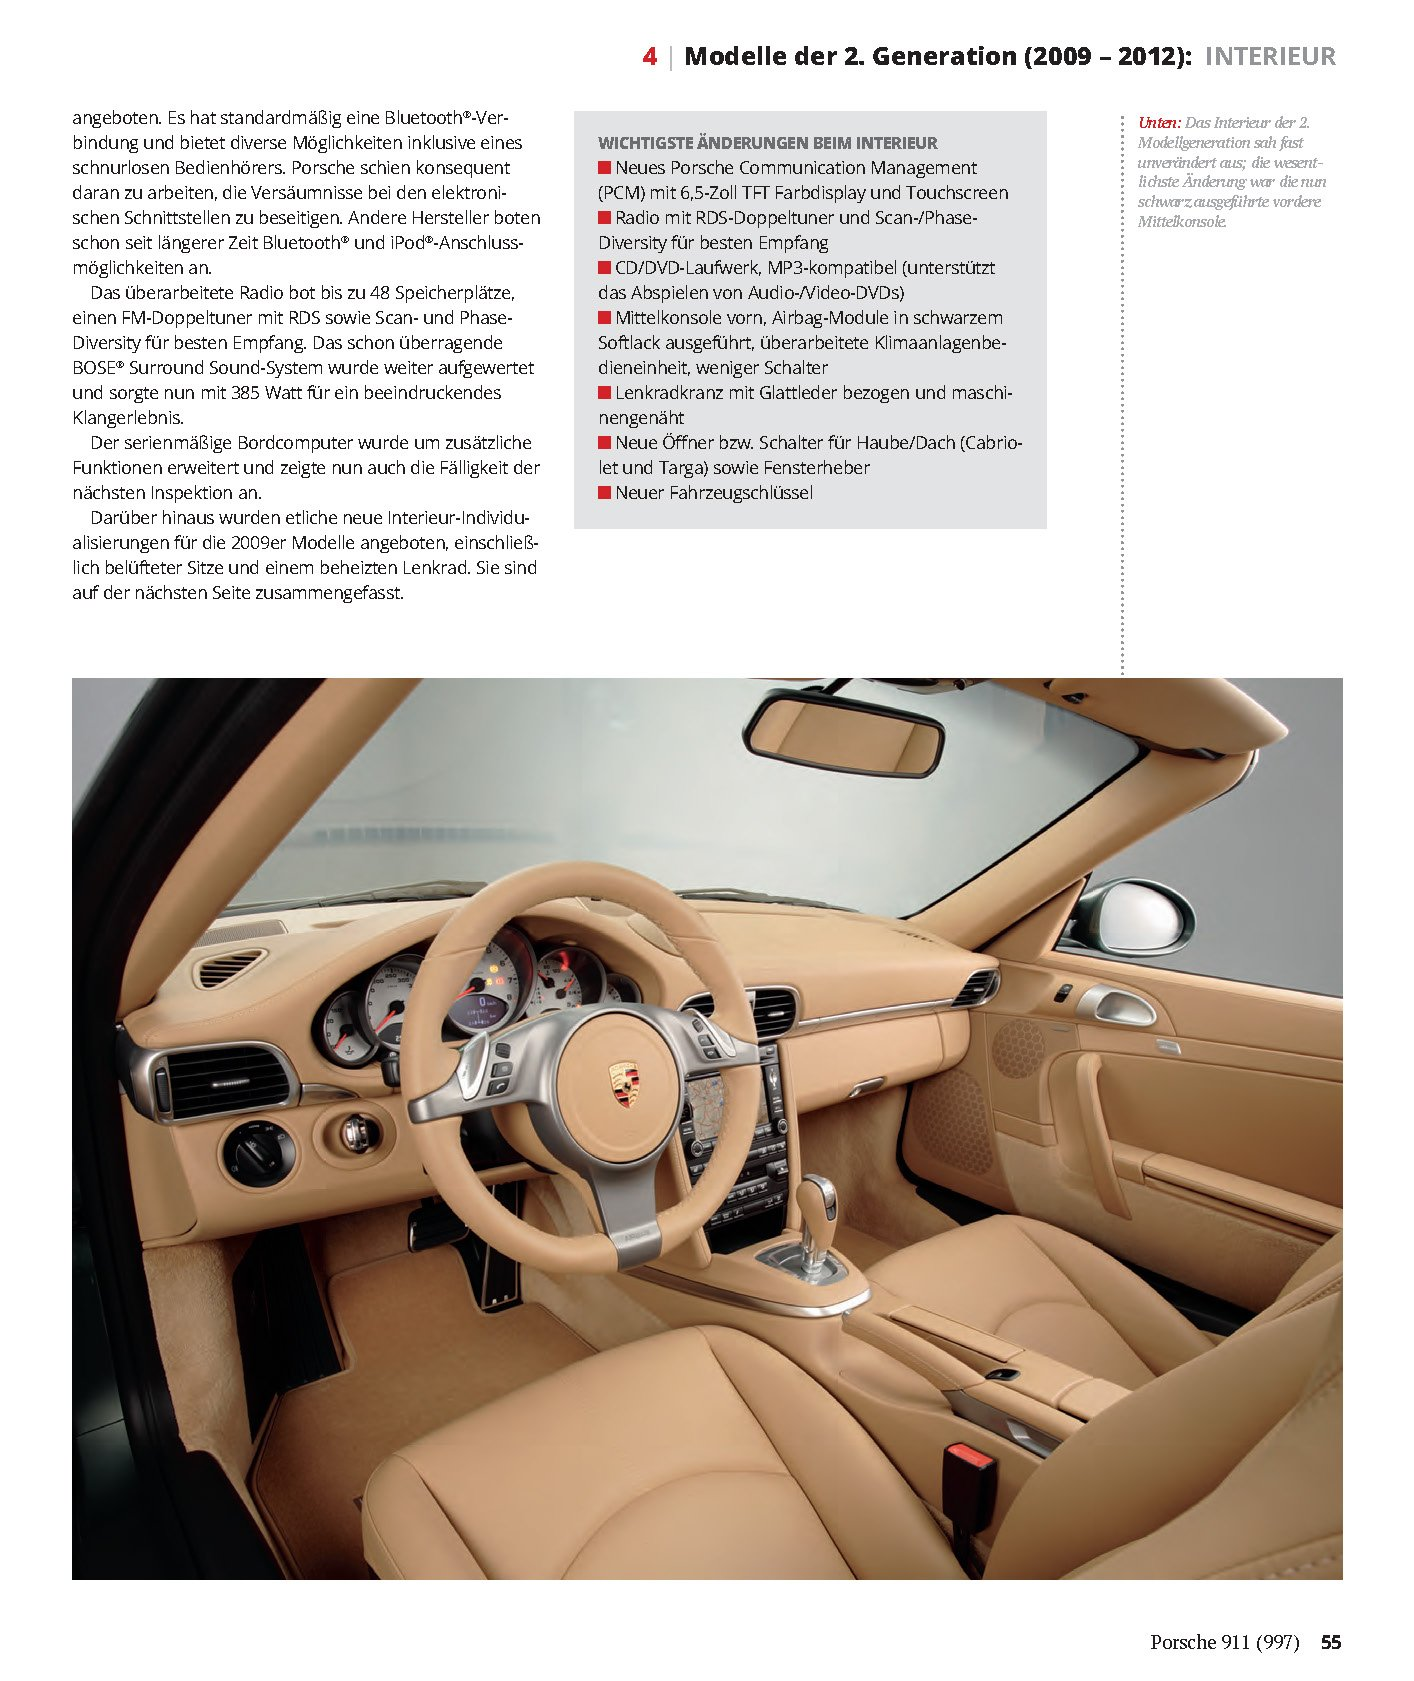 2009 porsche pcm manual ebook